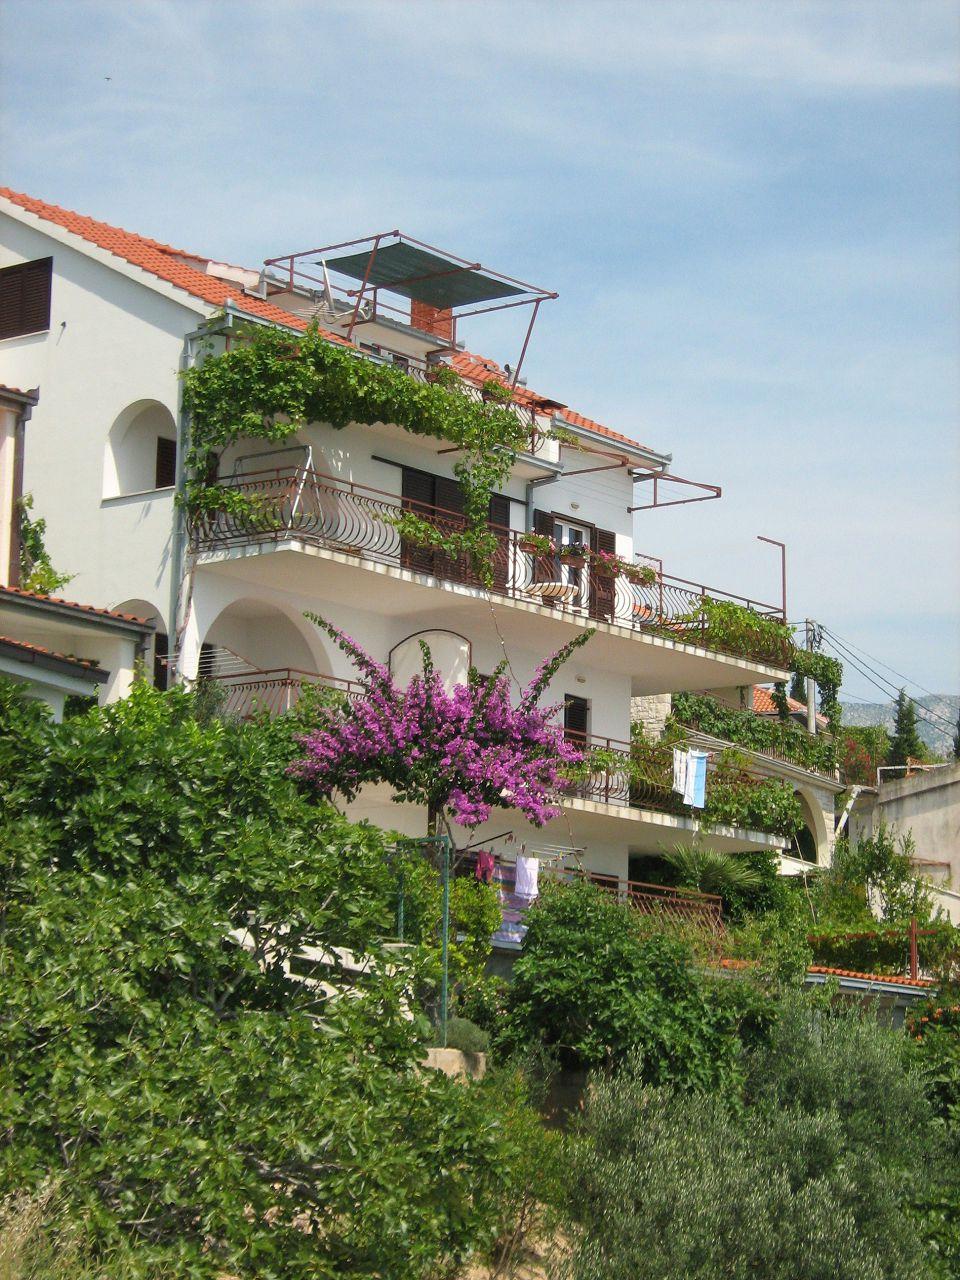 00209PISA  - Pisak - Ferienwohnungen Kroatien - Haus